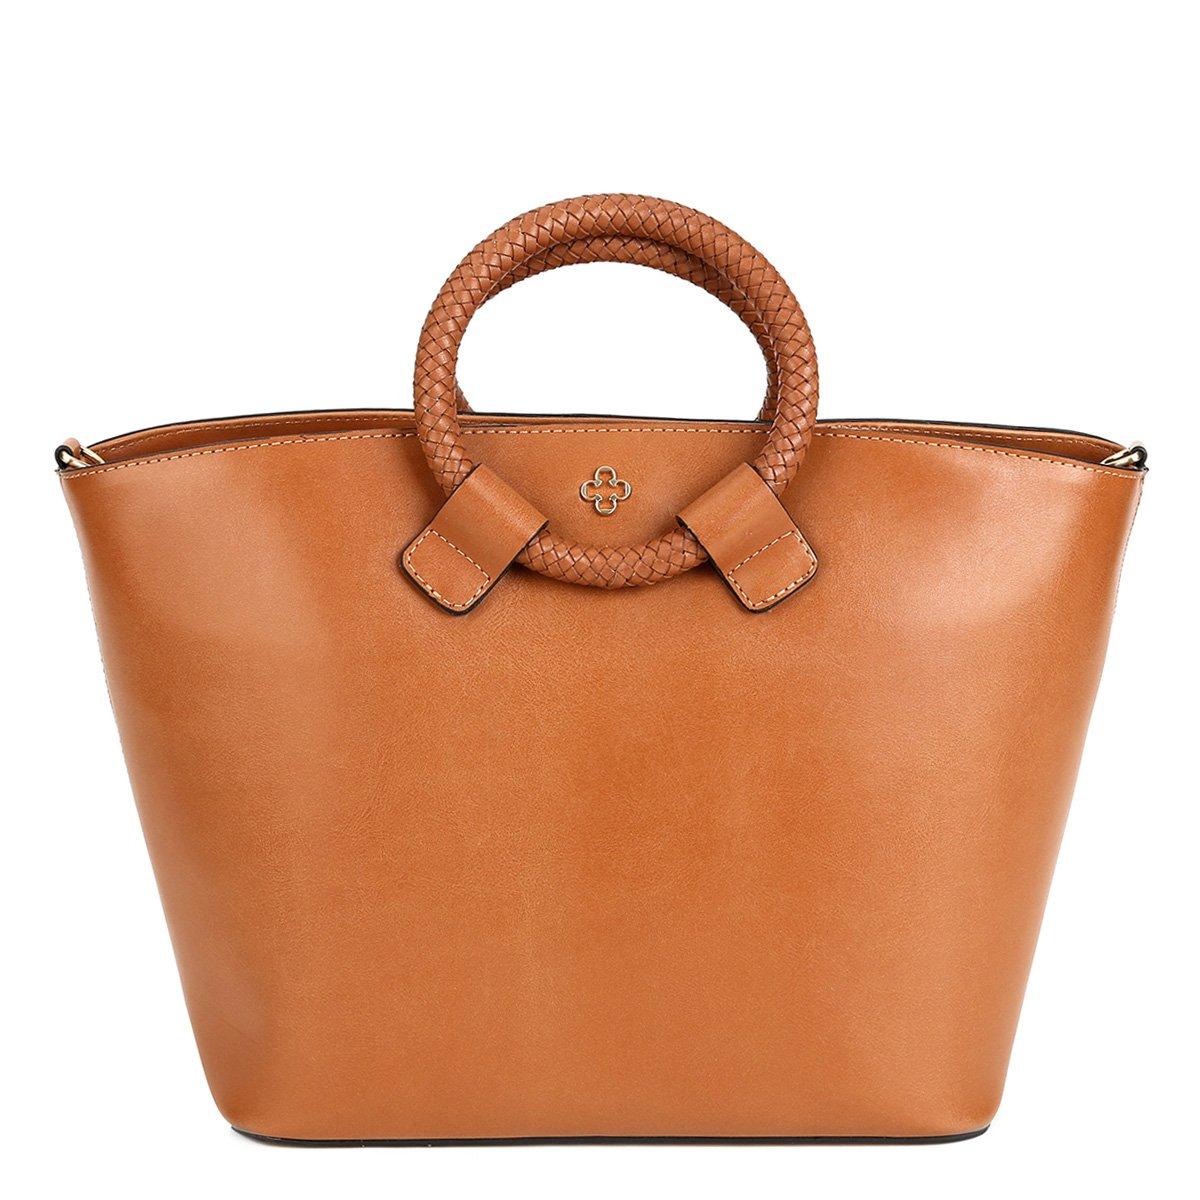 Bolsa De Ombro Feminina Capodarte : Bolsa capodarte per interno vichy feminina caramelo